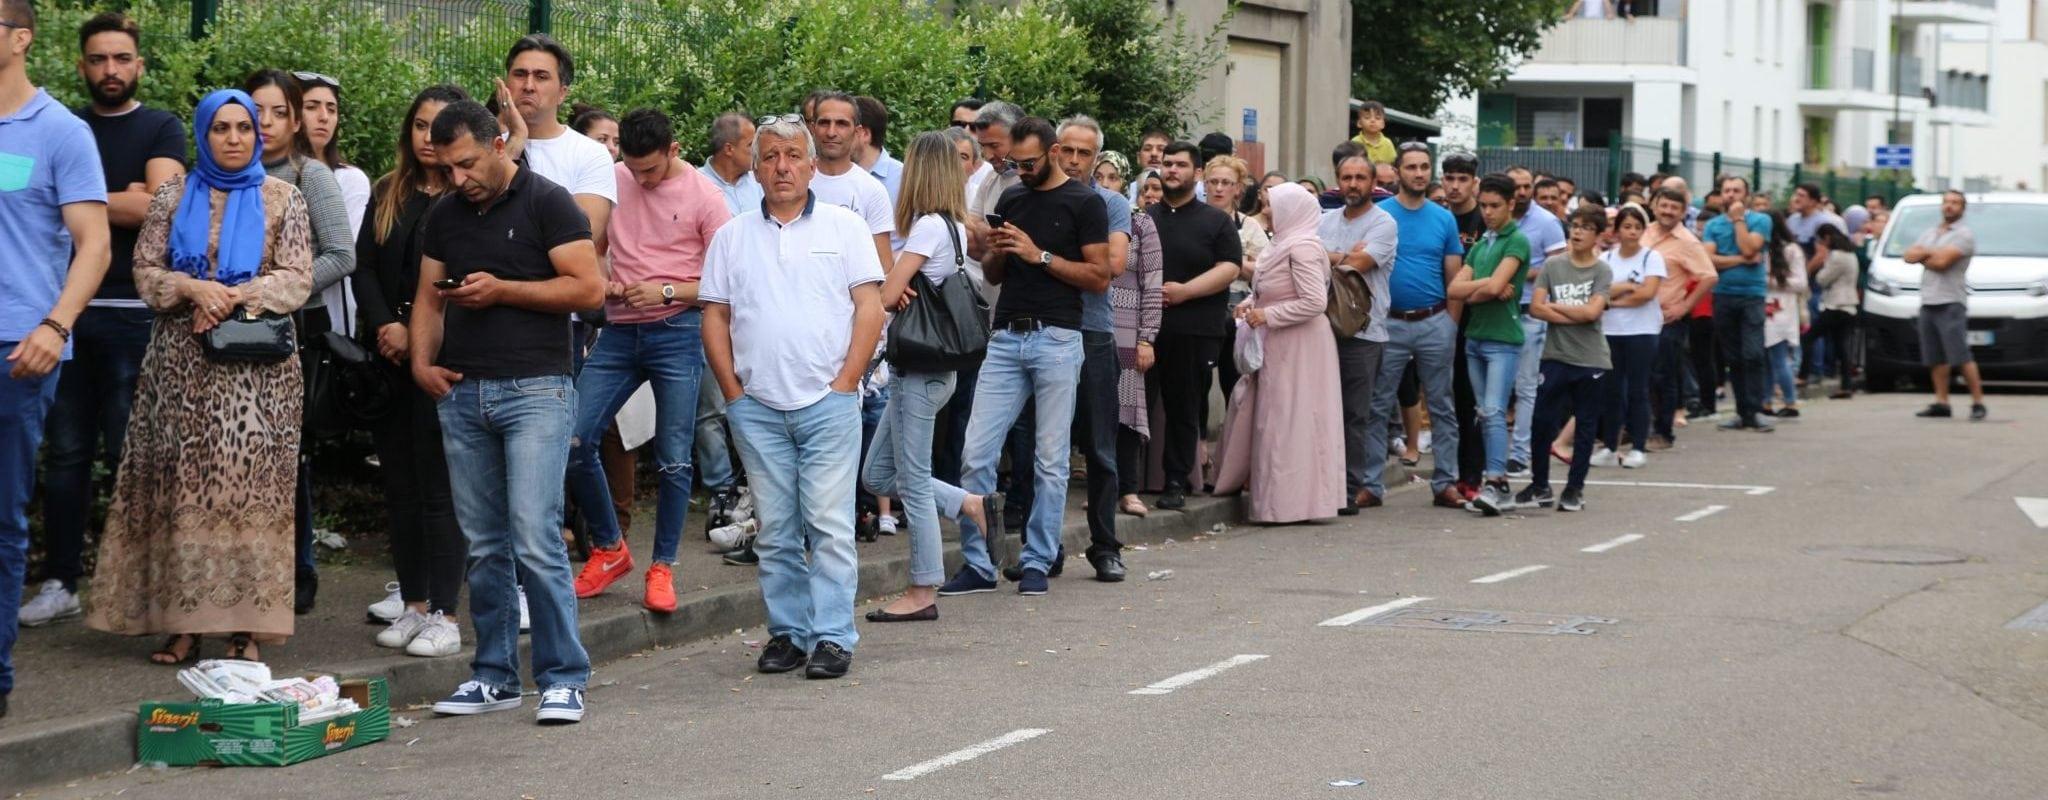 Élections turques: à Strasbourg, sept électeurs sur dix votent Erdogan